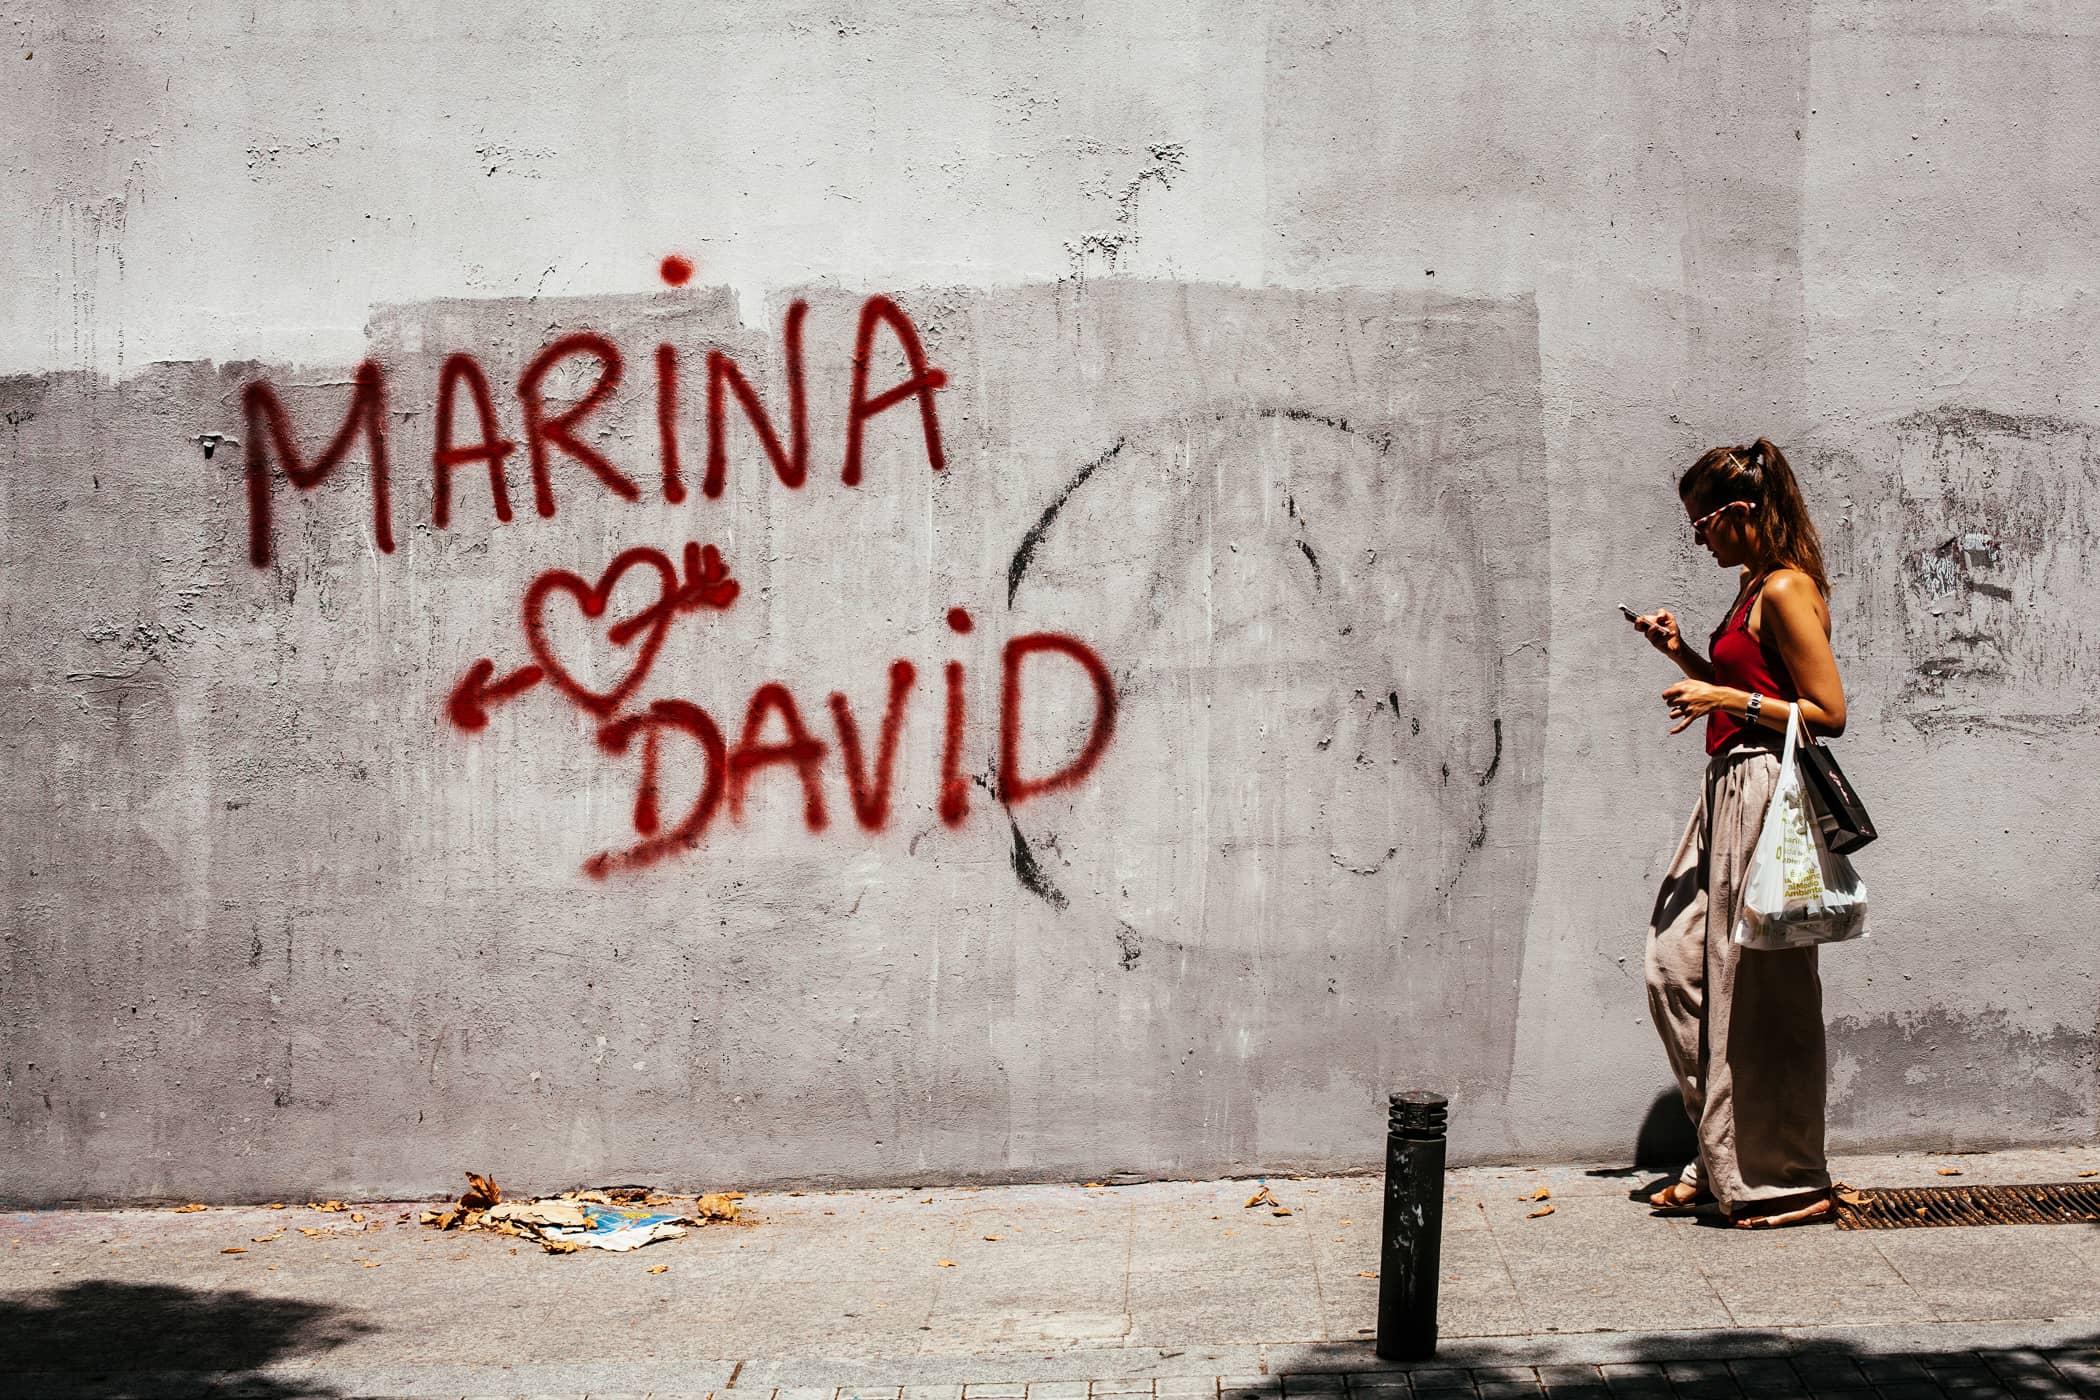 El ojo izquierdo - Marina y david